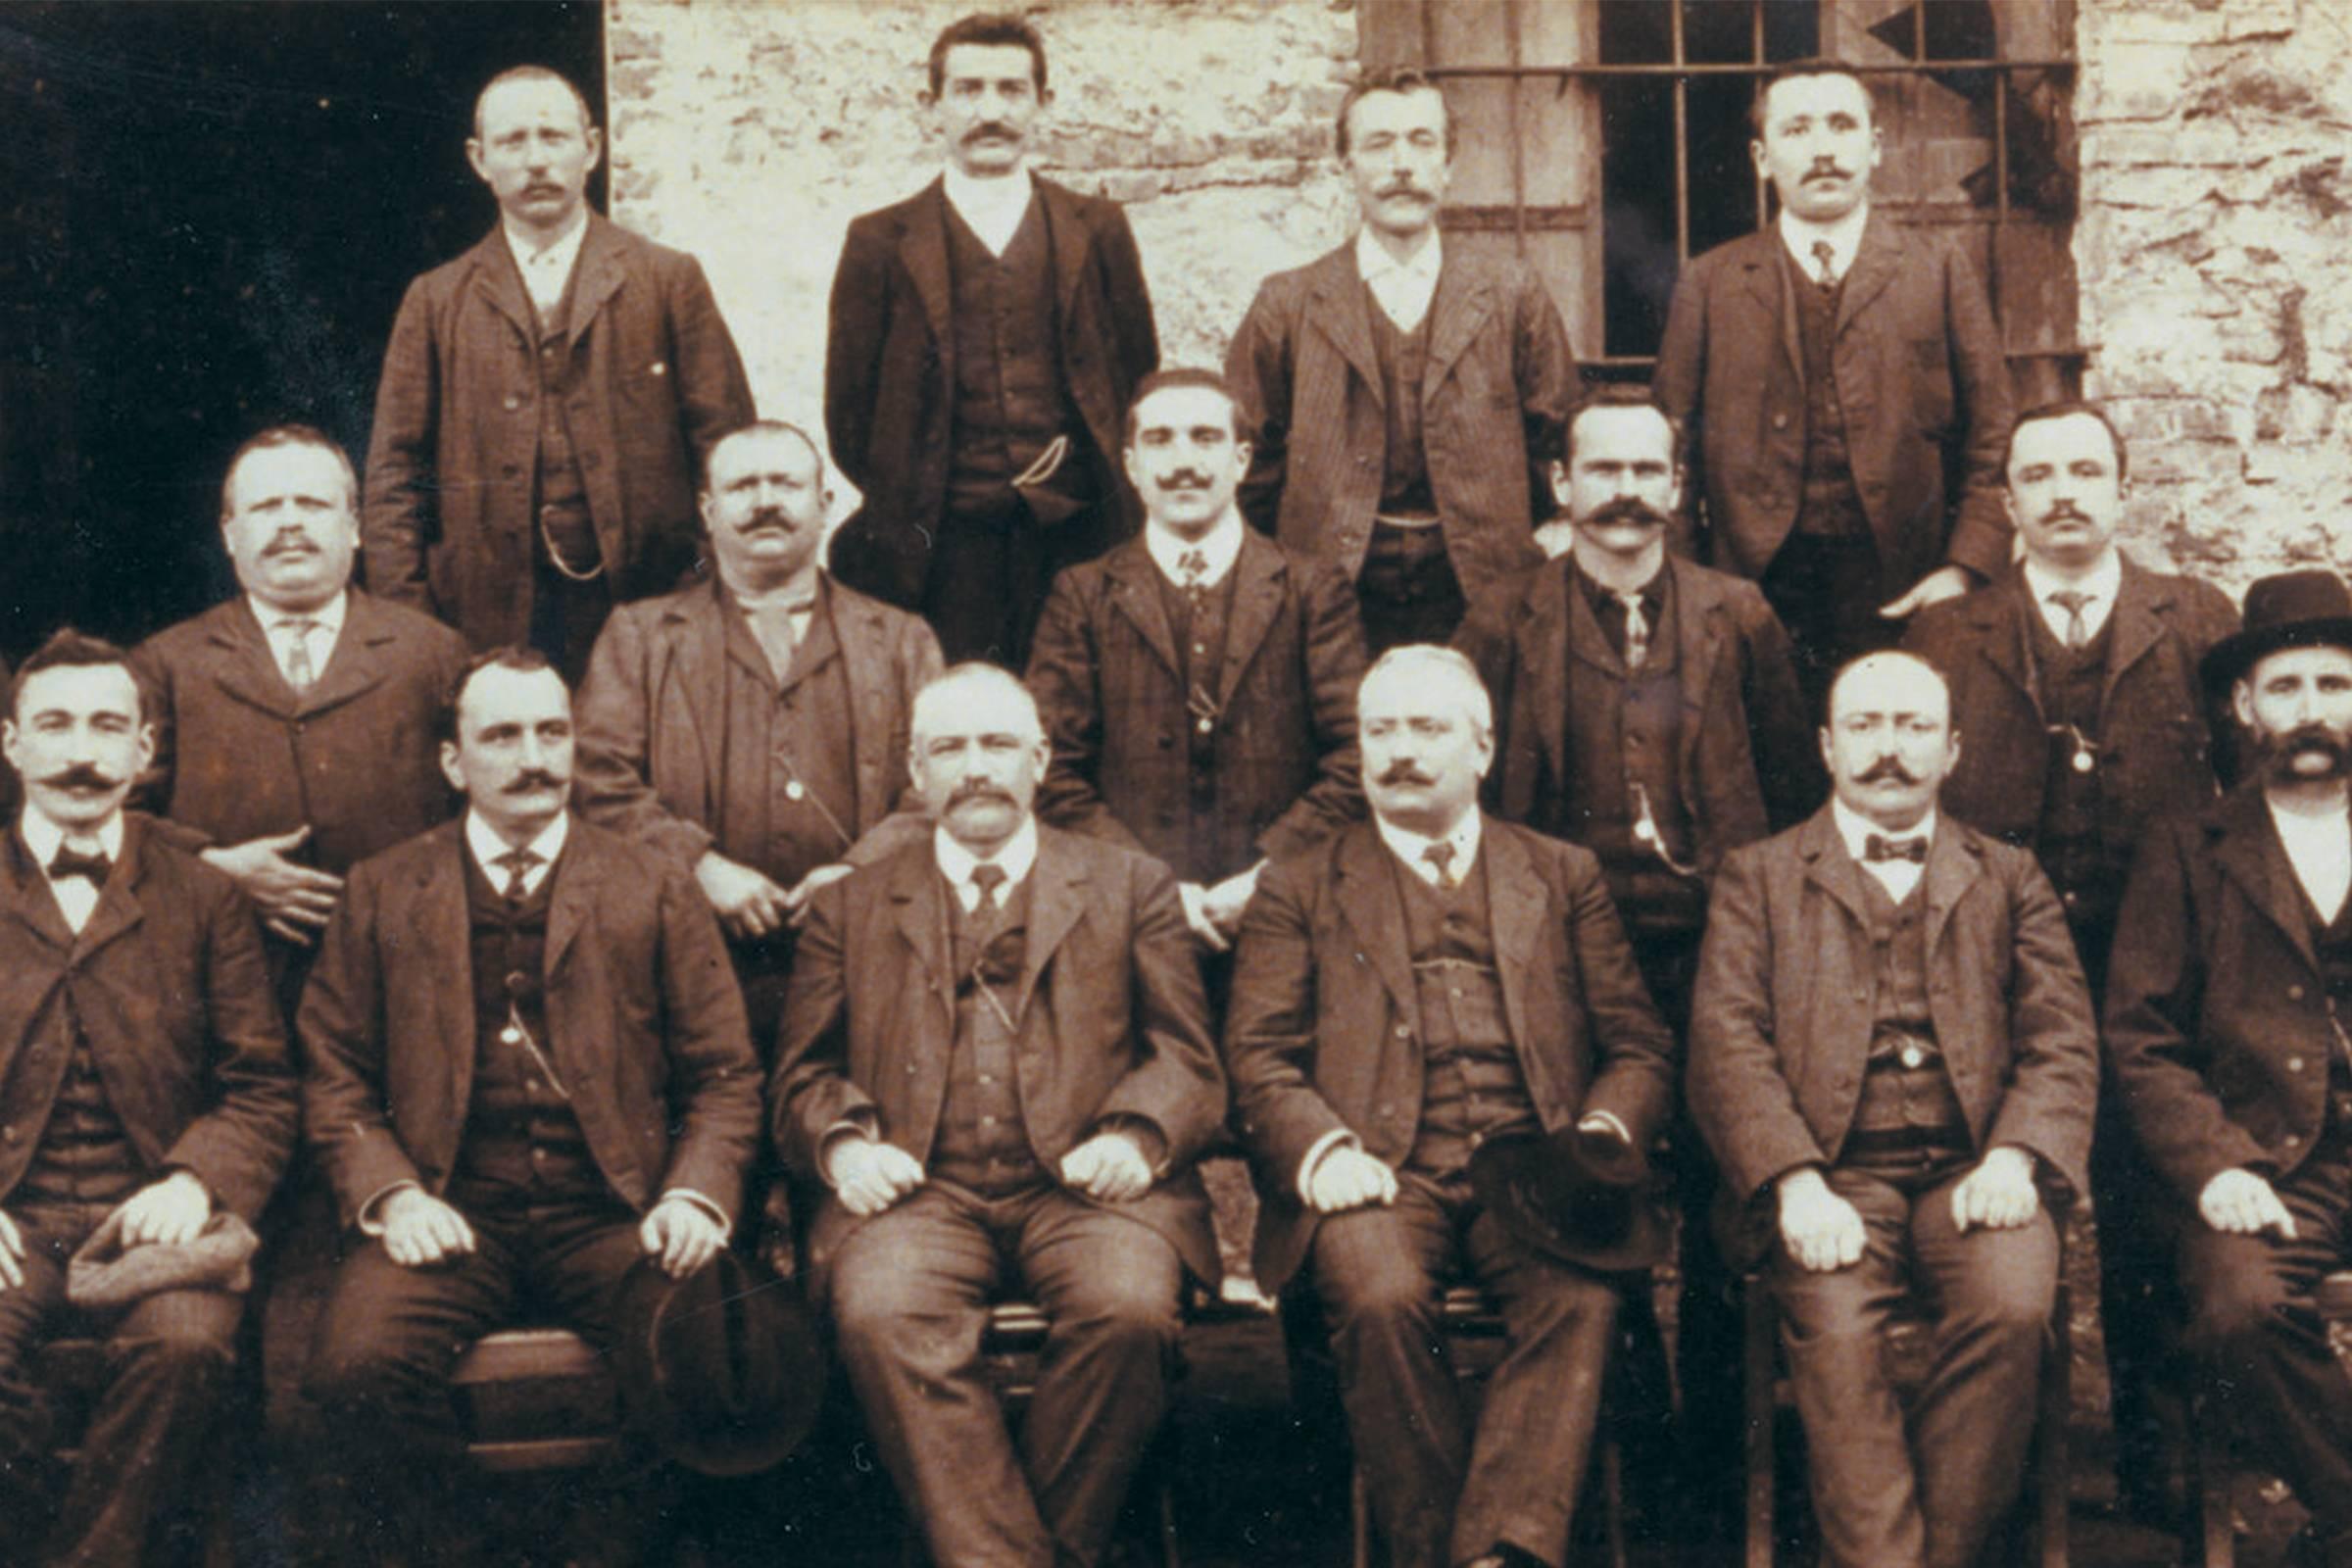 The original staff at Lanificio di Quarona di Zignone & C.